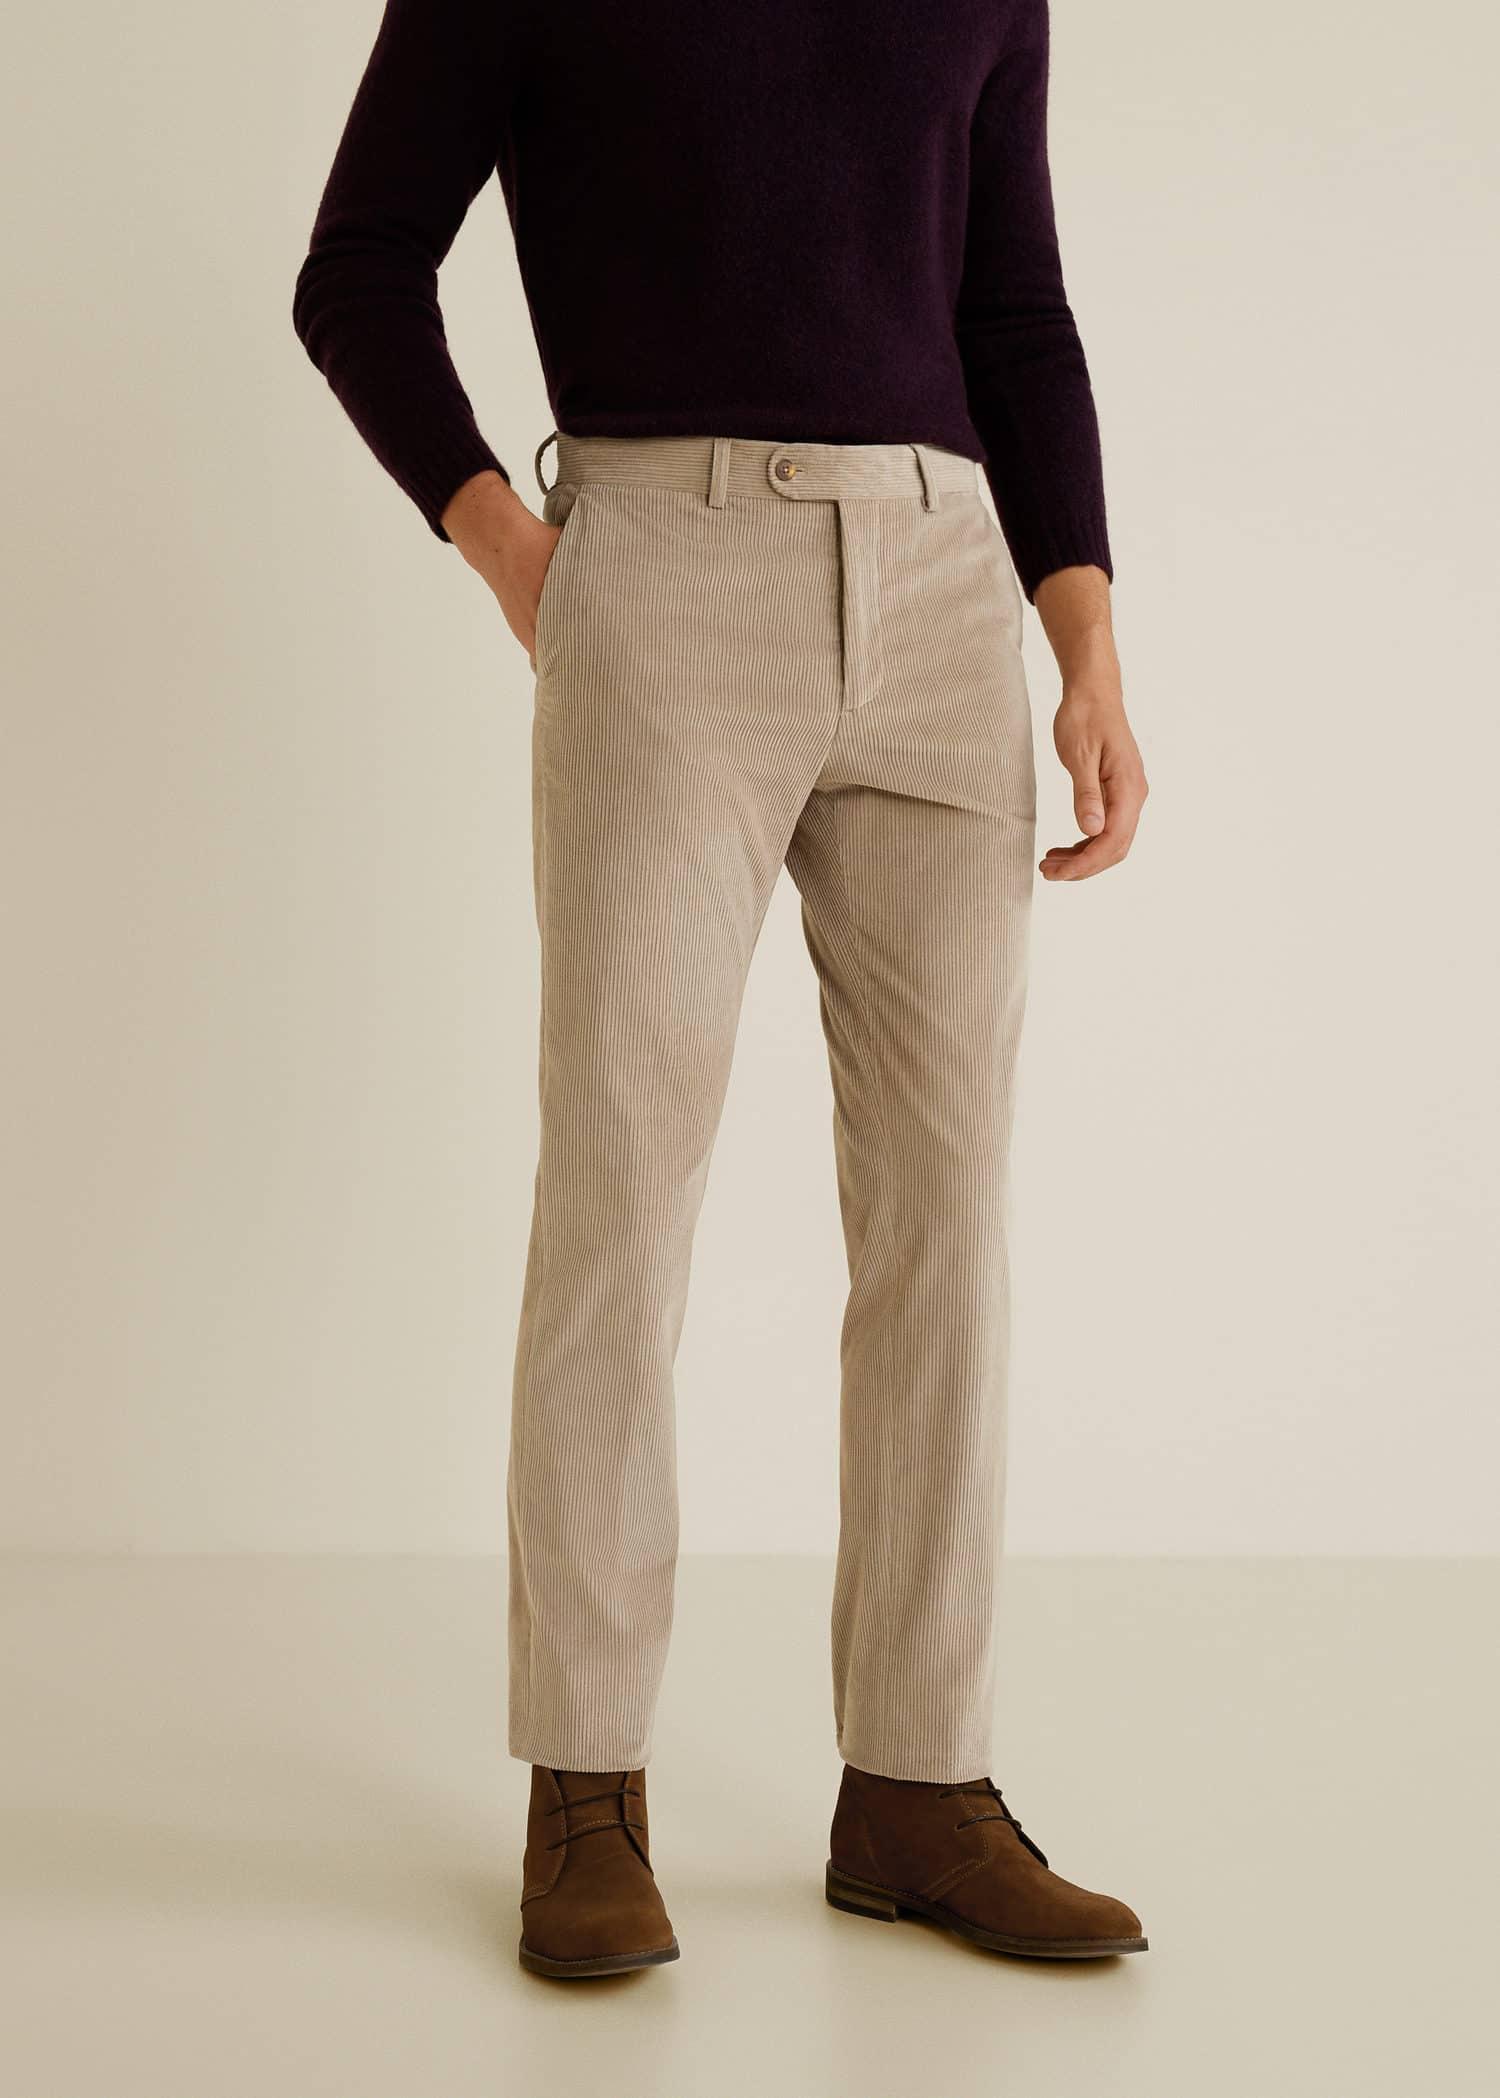 España Man HombreMango Pana Fit Pantalón Slim XNwPk80nO